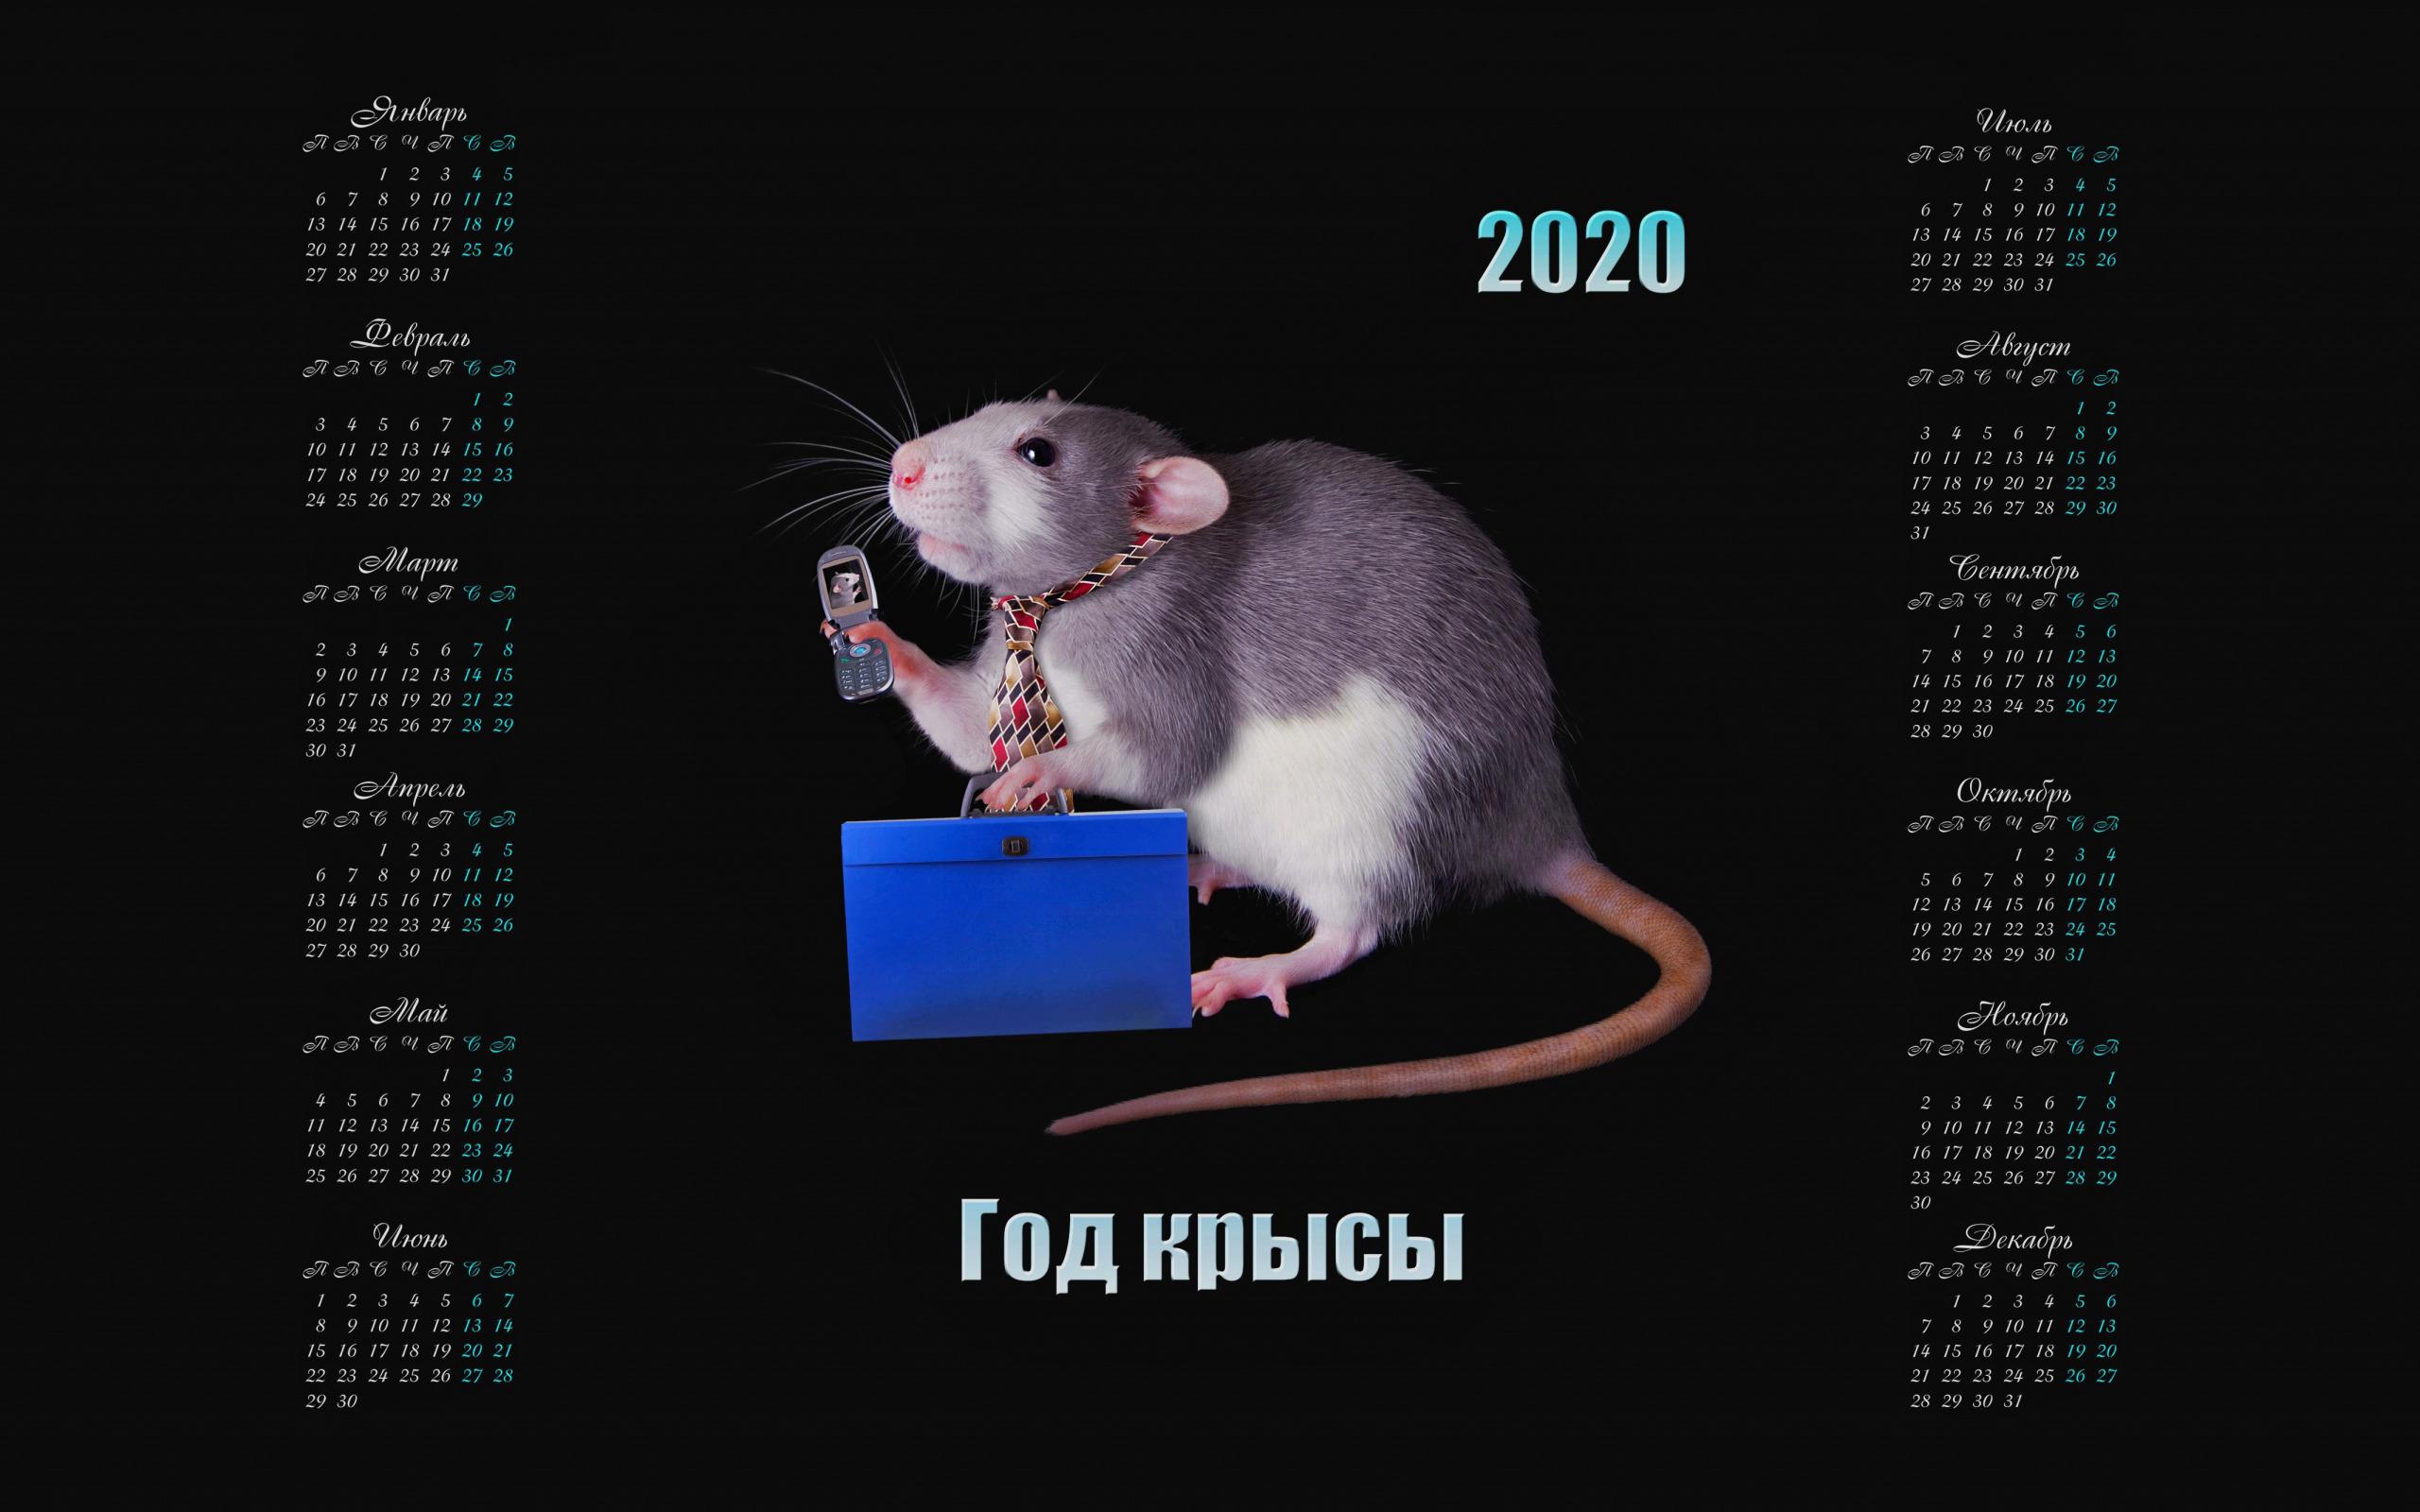 HDoboi.Kiev.ua - Календарь 2020 с крысой на черном фоне